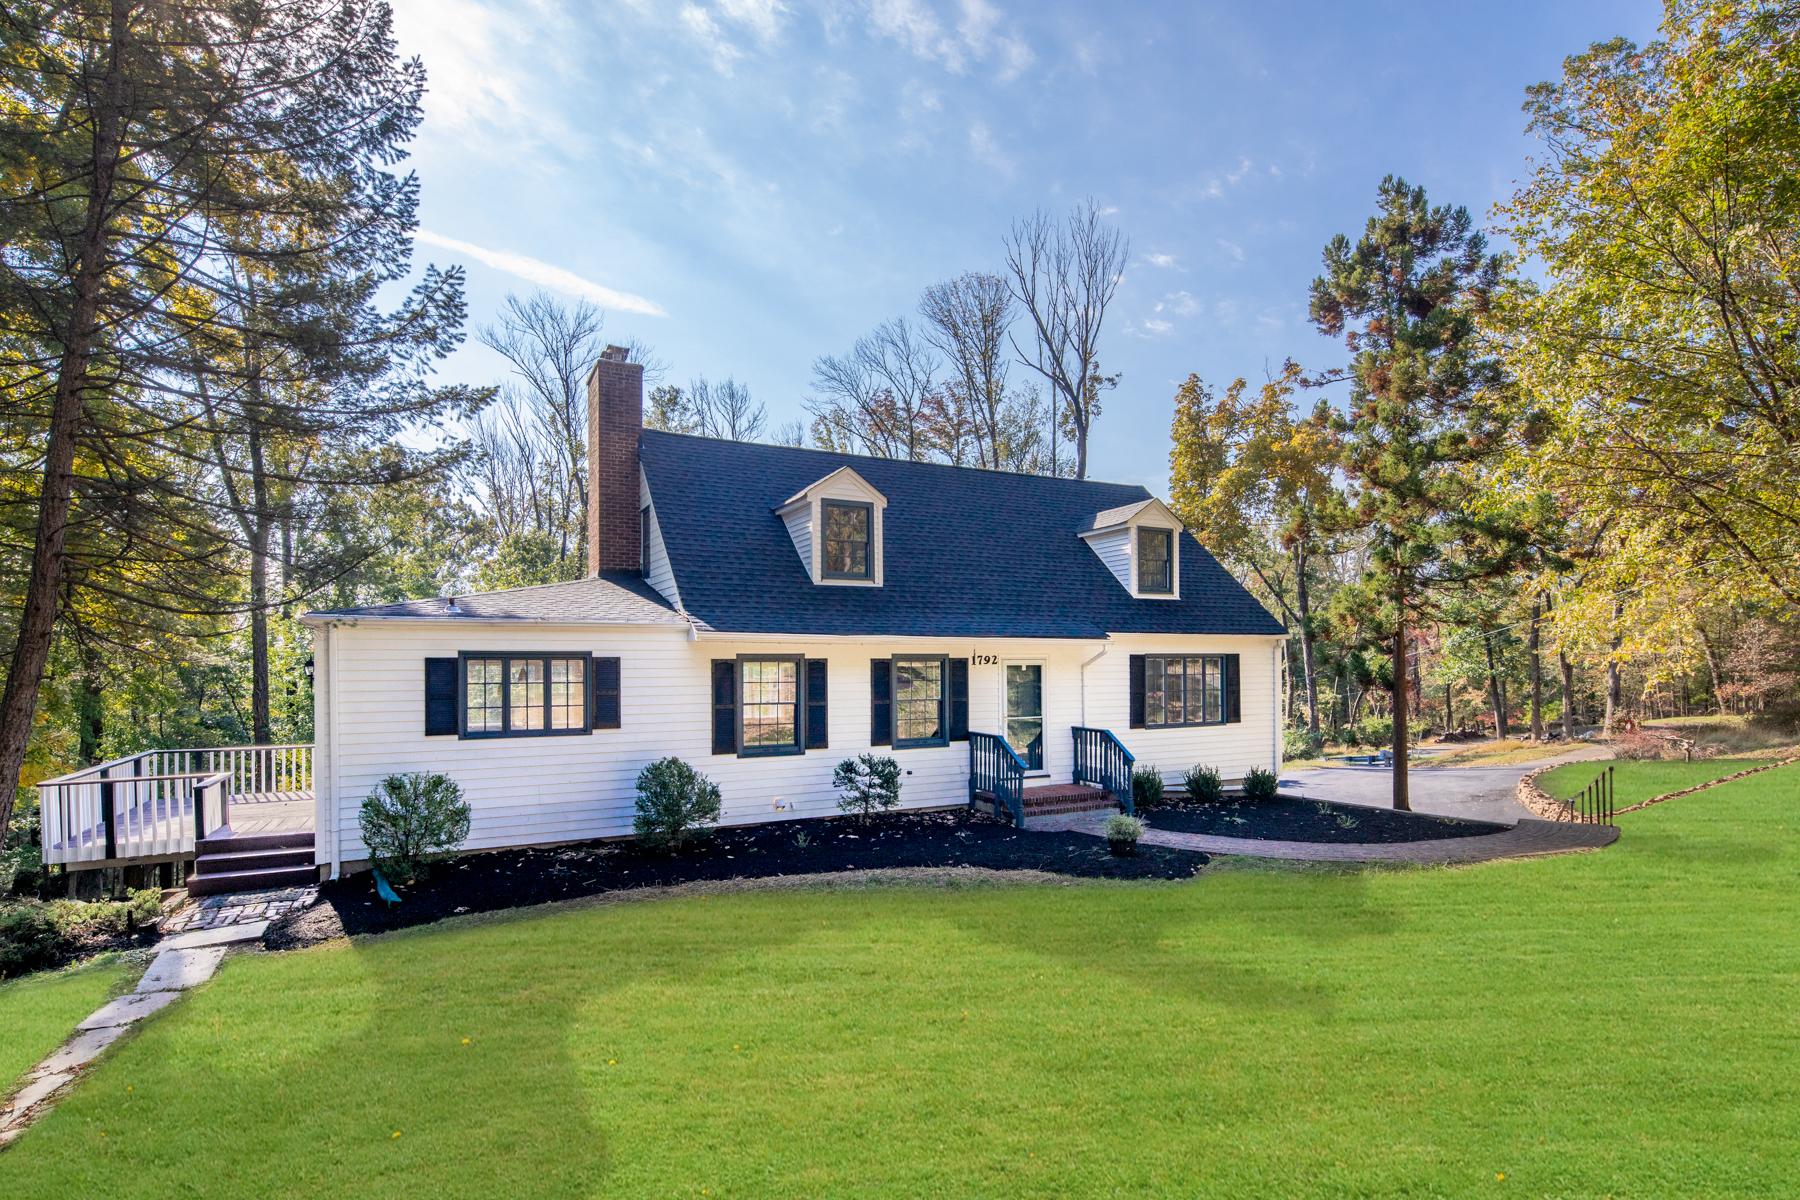 Частный односемейный дом для того Продажа на Beautiful Custom Home 1792 Middlebrook Road, Bound Brook, Нью-Джерси 08805 Соединенные Штаты